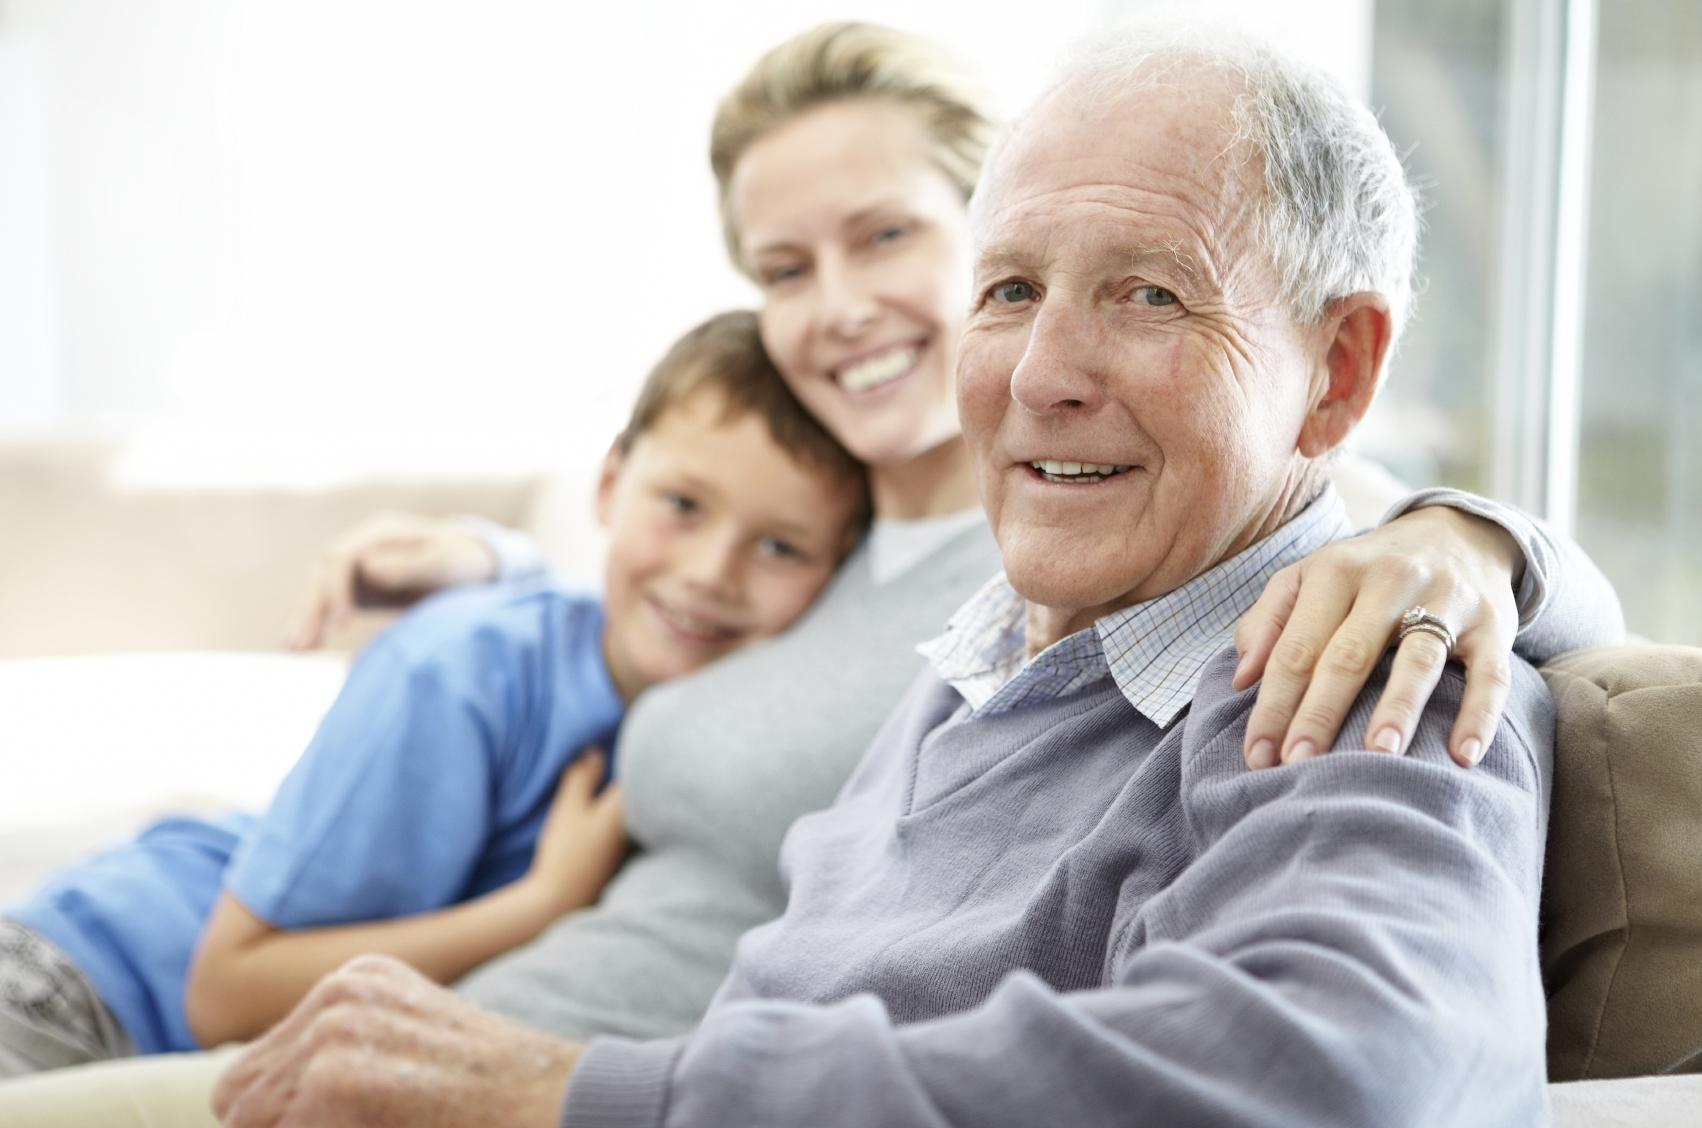 الزيارات لكبار السن تحسن نفسيتهم